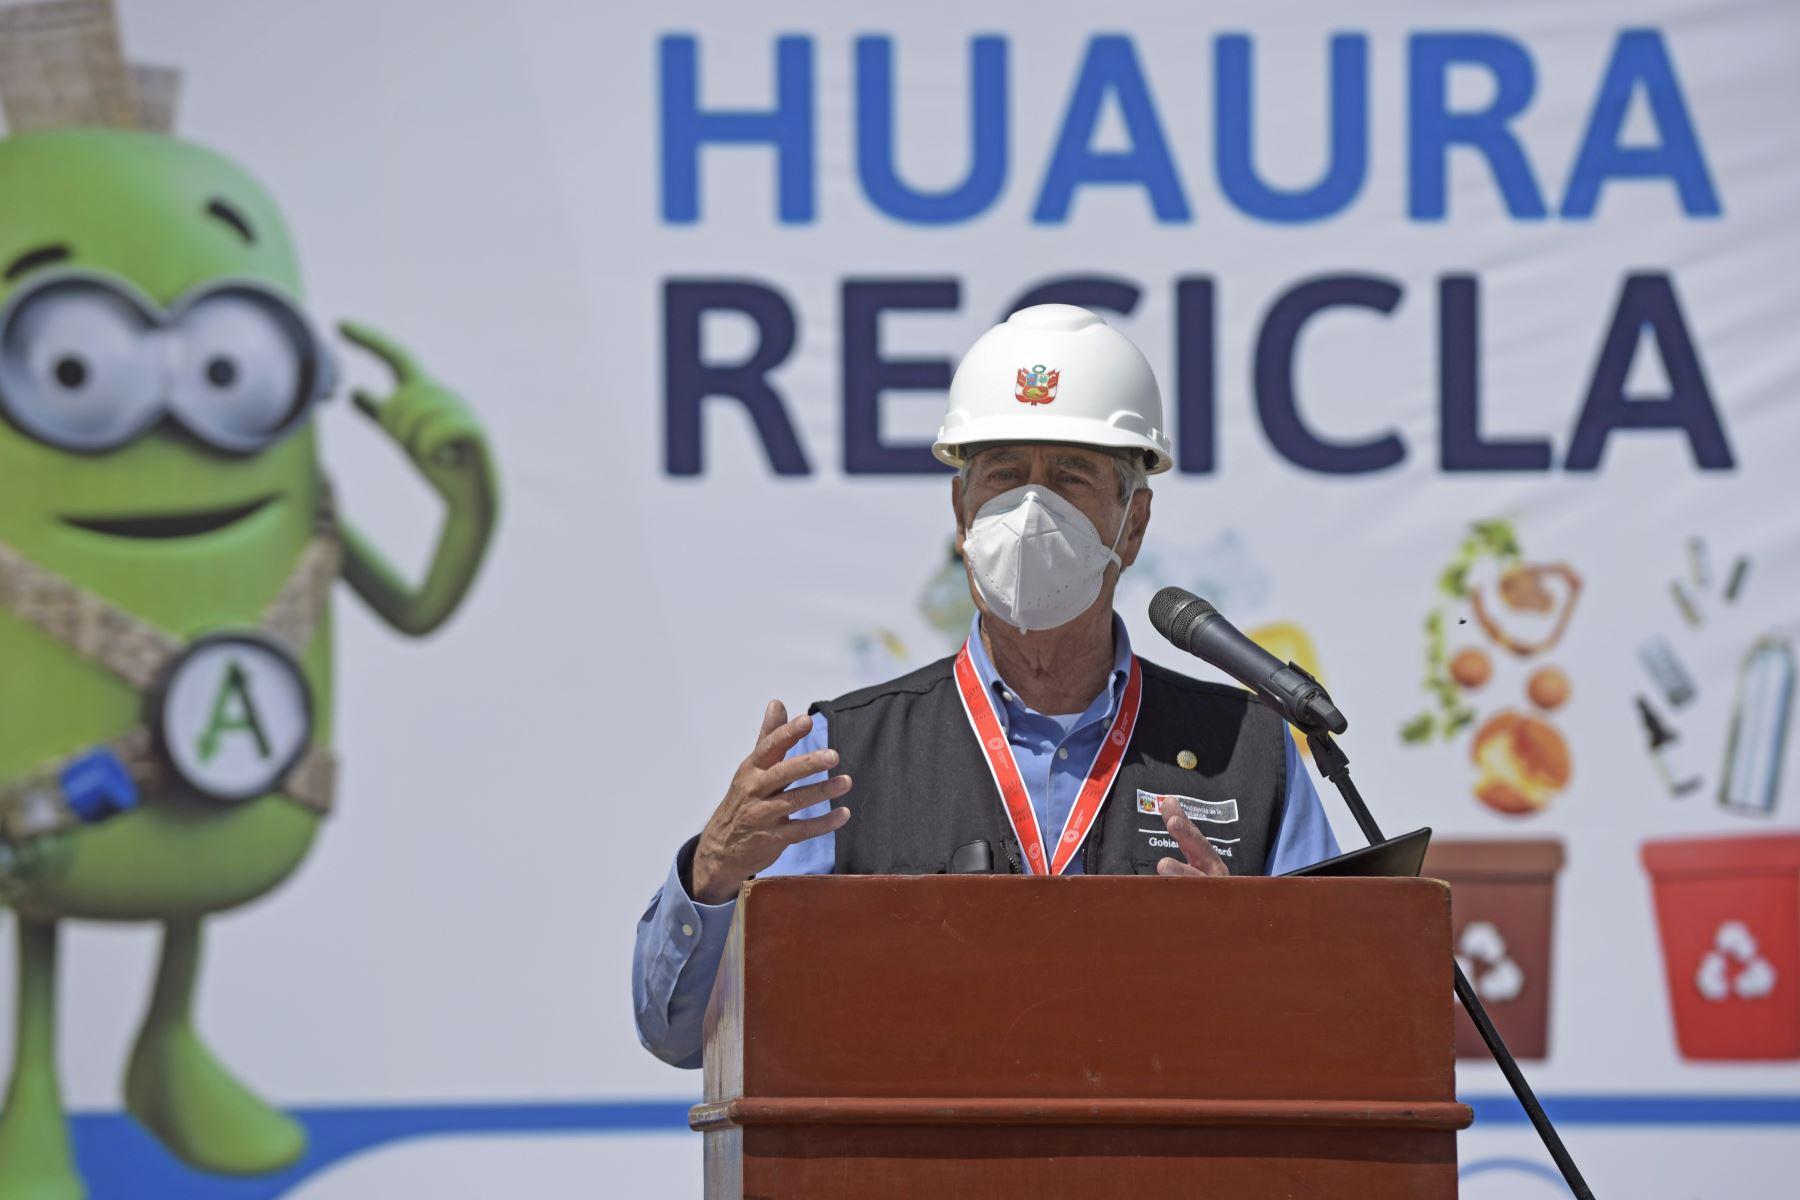 Como parte de las actividades por el 13° aniversario del Ministerio del Ambiente, el presidente Francisco Sagasti, junto con el ministro del Ambiente, el gobernador regional de Lima y el alcalde provincial de Huaura, inauguró el sistema integral de gestión de residuos para esta ciudad.  Foto: ANDINA/Prensa Presidencia.